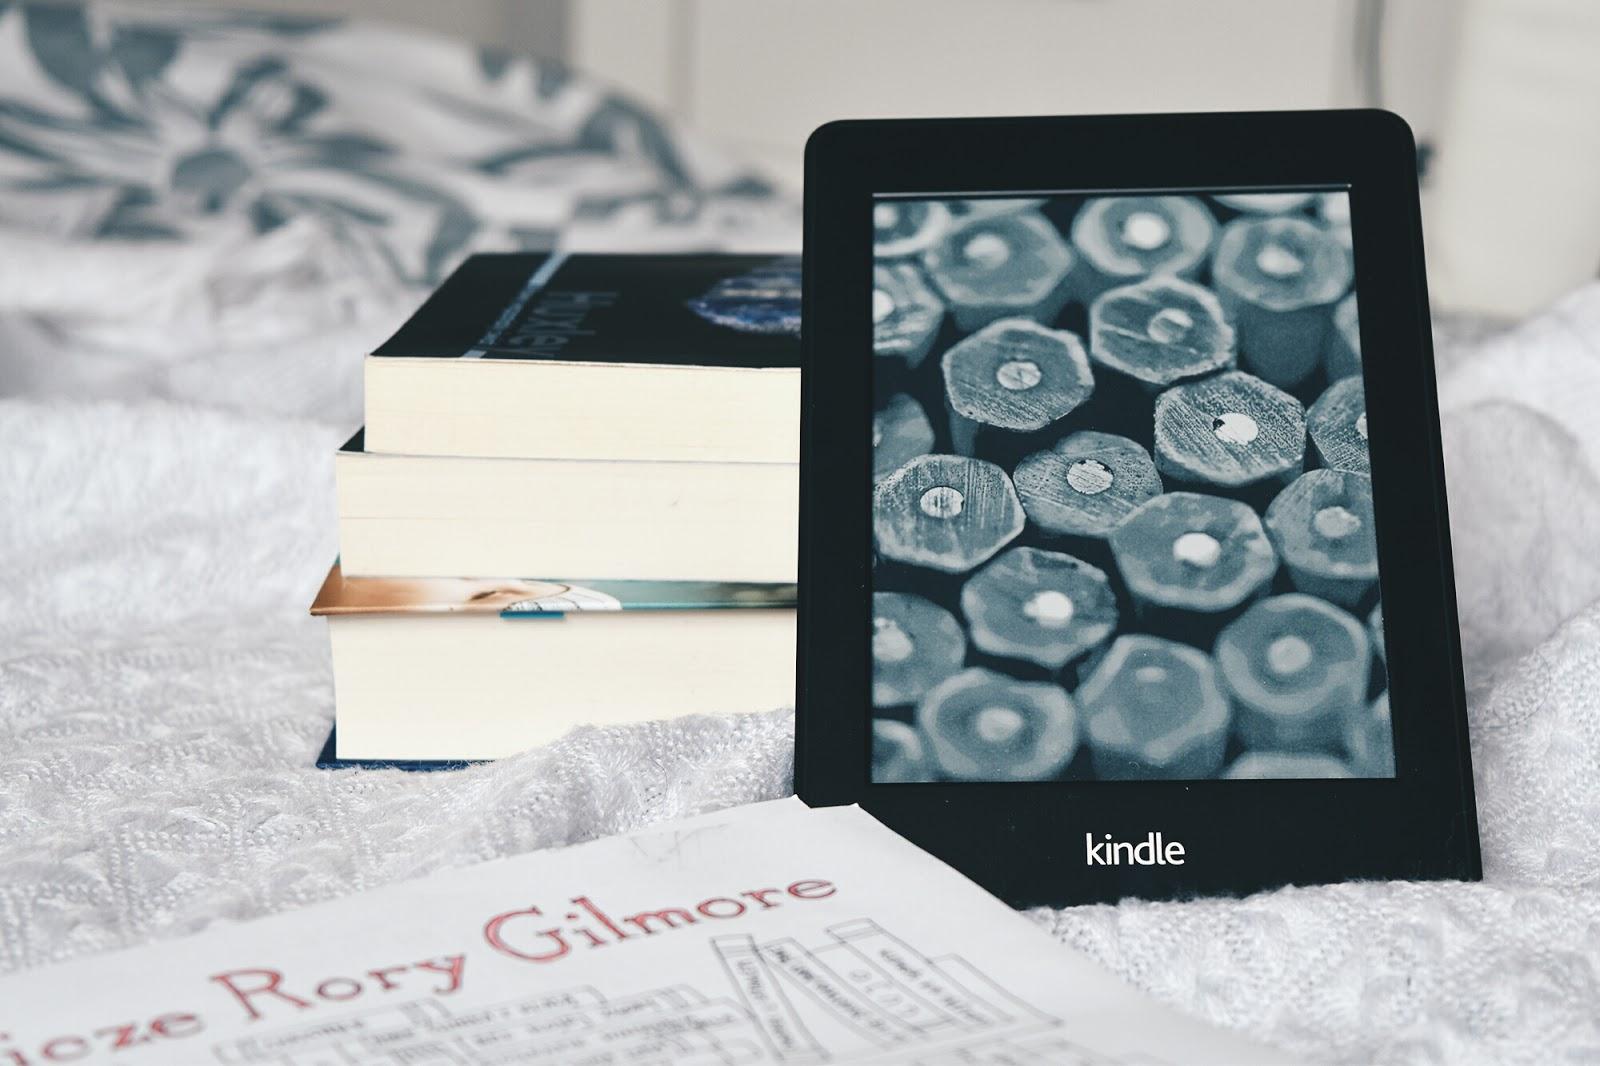 Darmowe książki - Wyzwanie czytelnicze Rory Gilmore